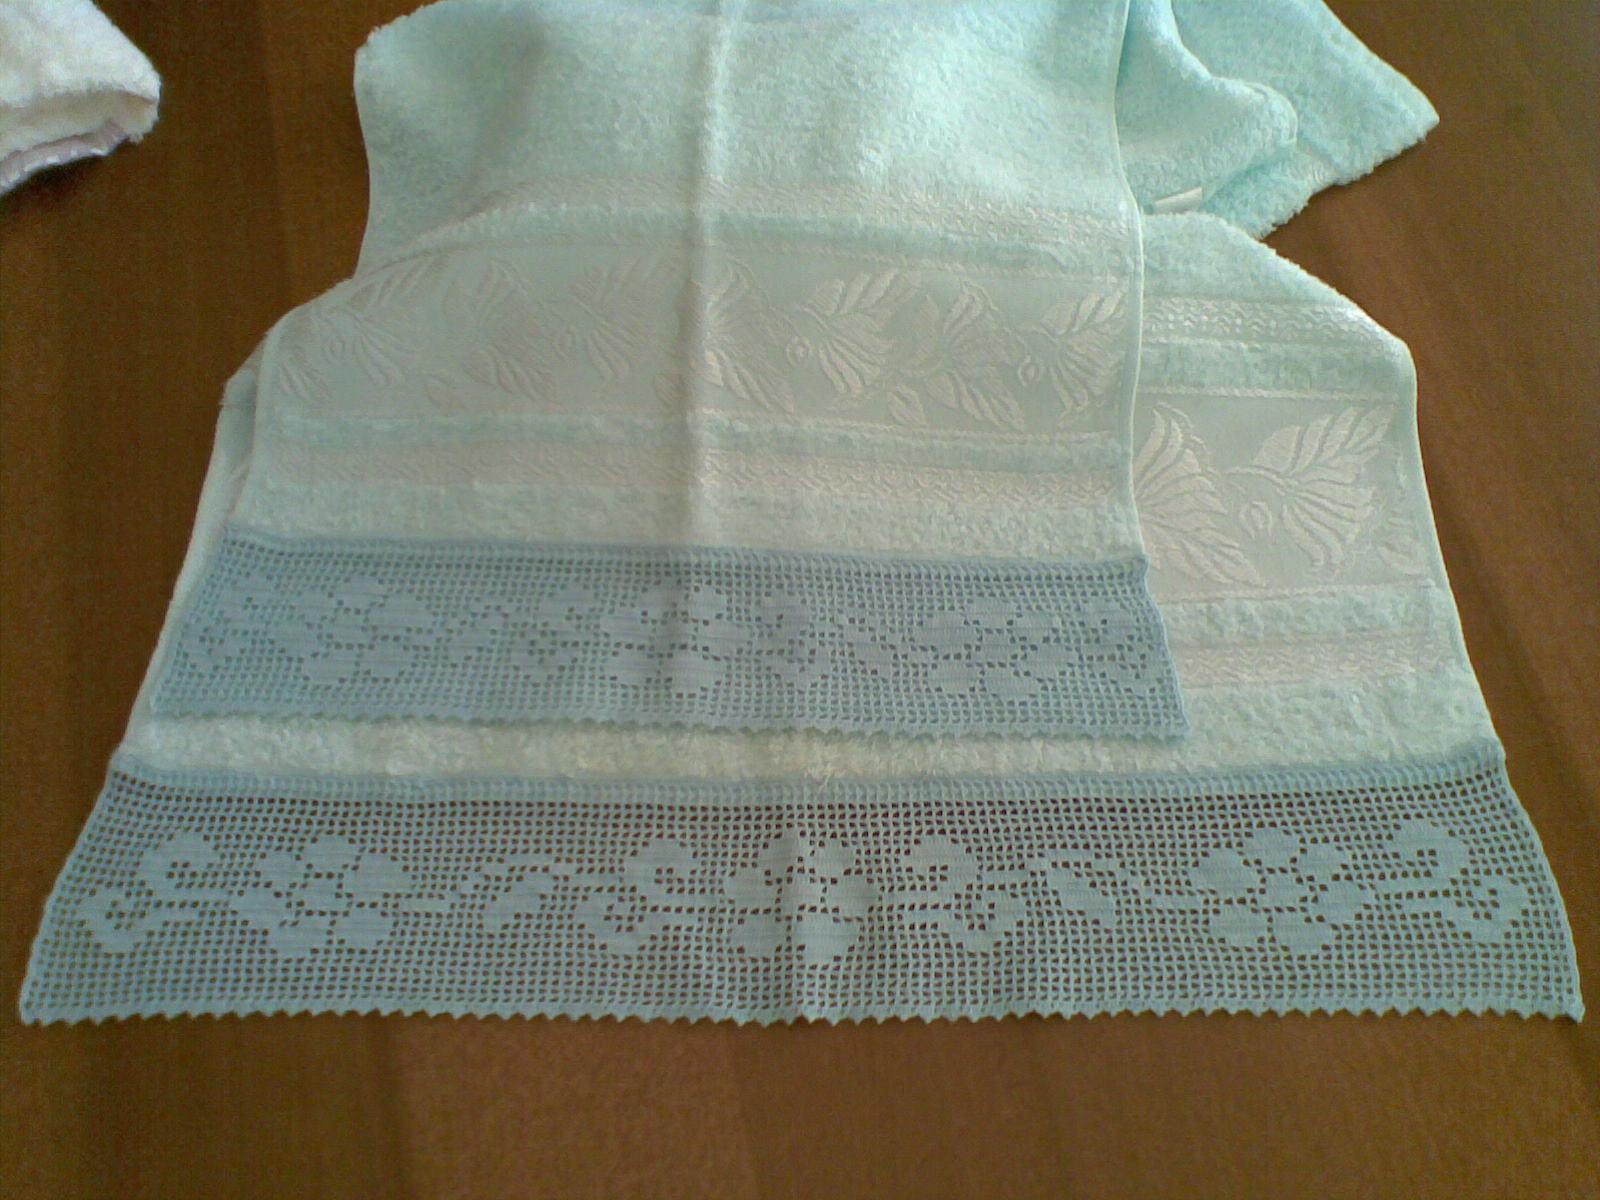 Le creazioni di maria zuccarello bordure all 39 uncinetto for Schemi bordure all uncinetto per asciugamani